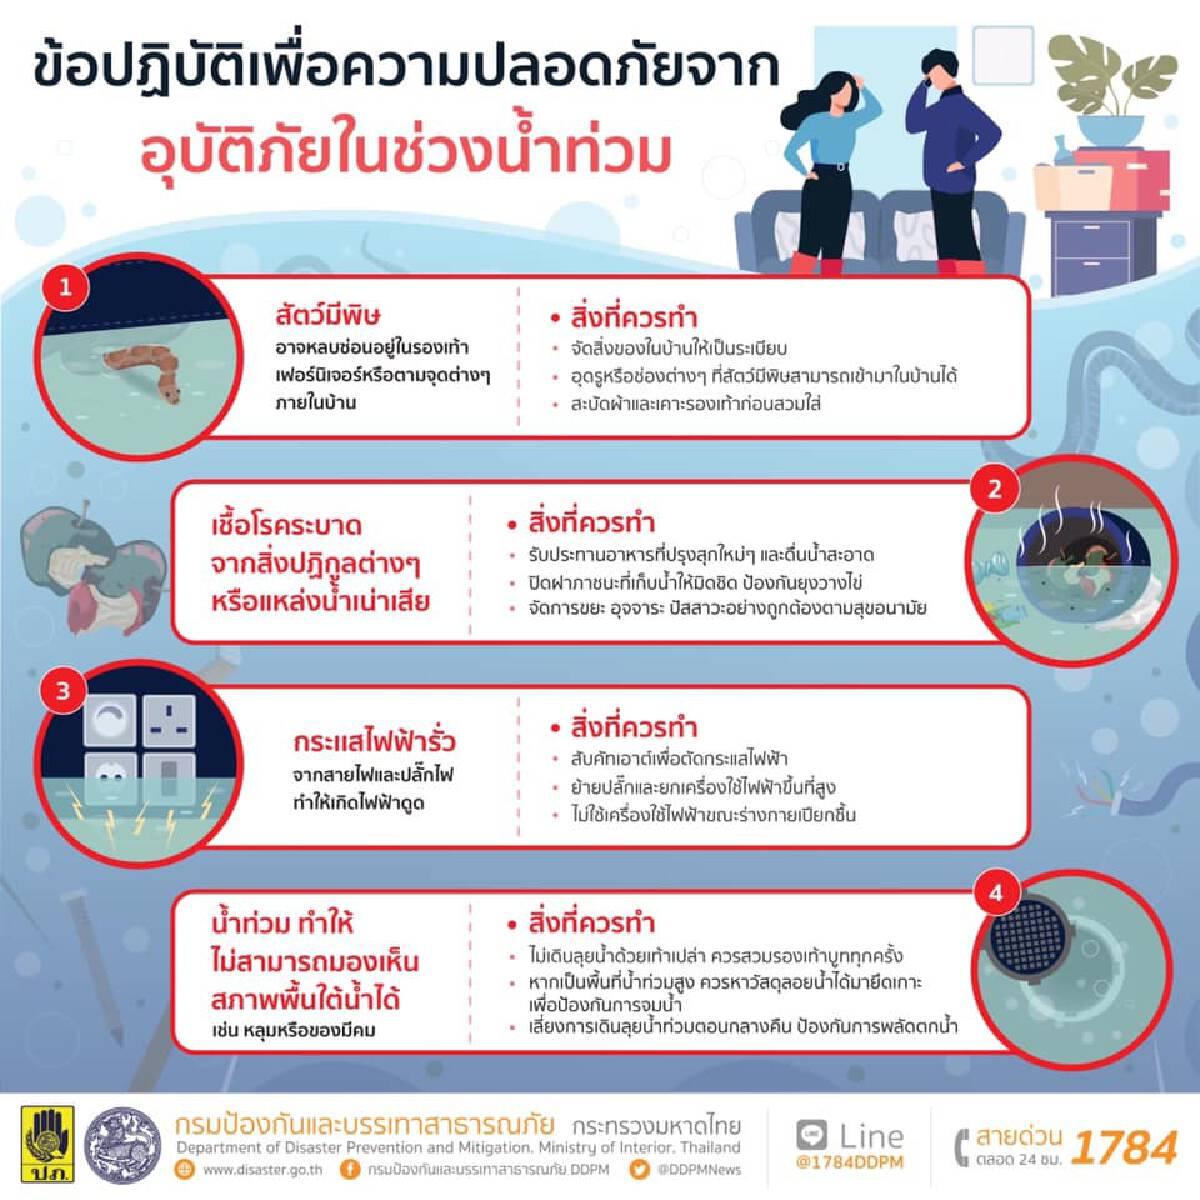 ปภ.แนะรู้ทัน - ป้องกันอุบัติภัยช่วงน้ำท่วม